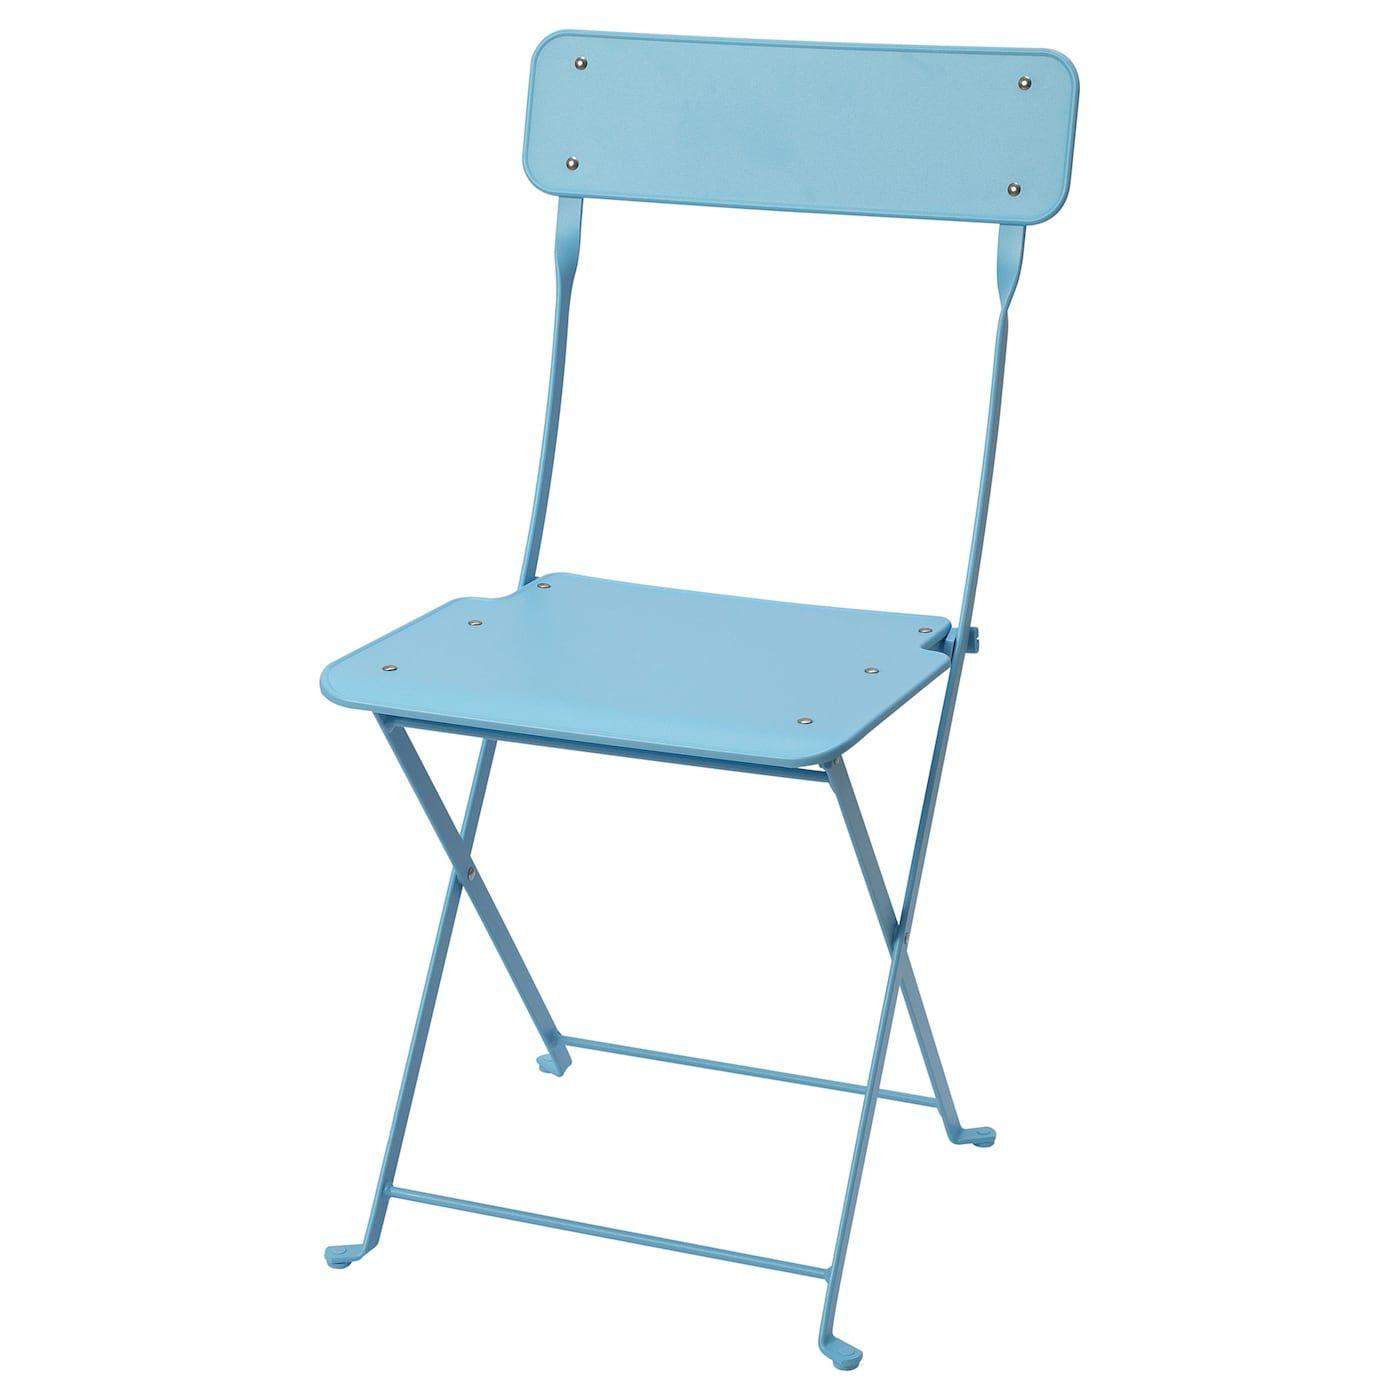 Stuhl Aussen Saltholmen Faltbar Blau Garten Stuhle Ikea